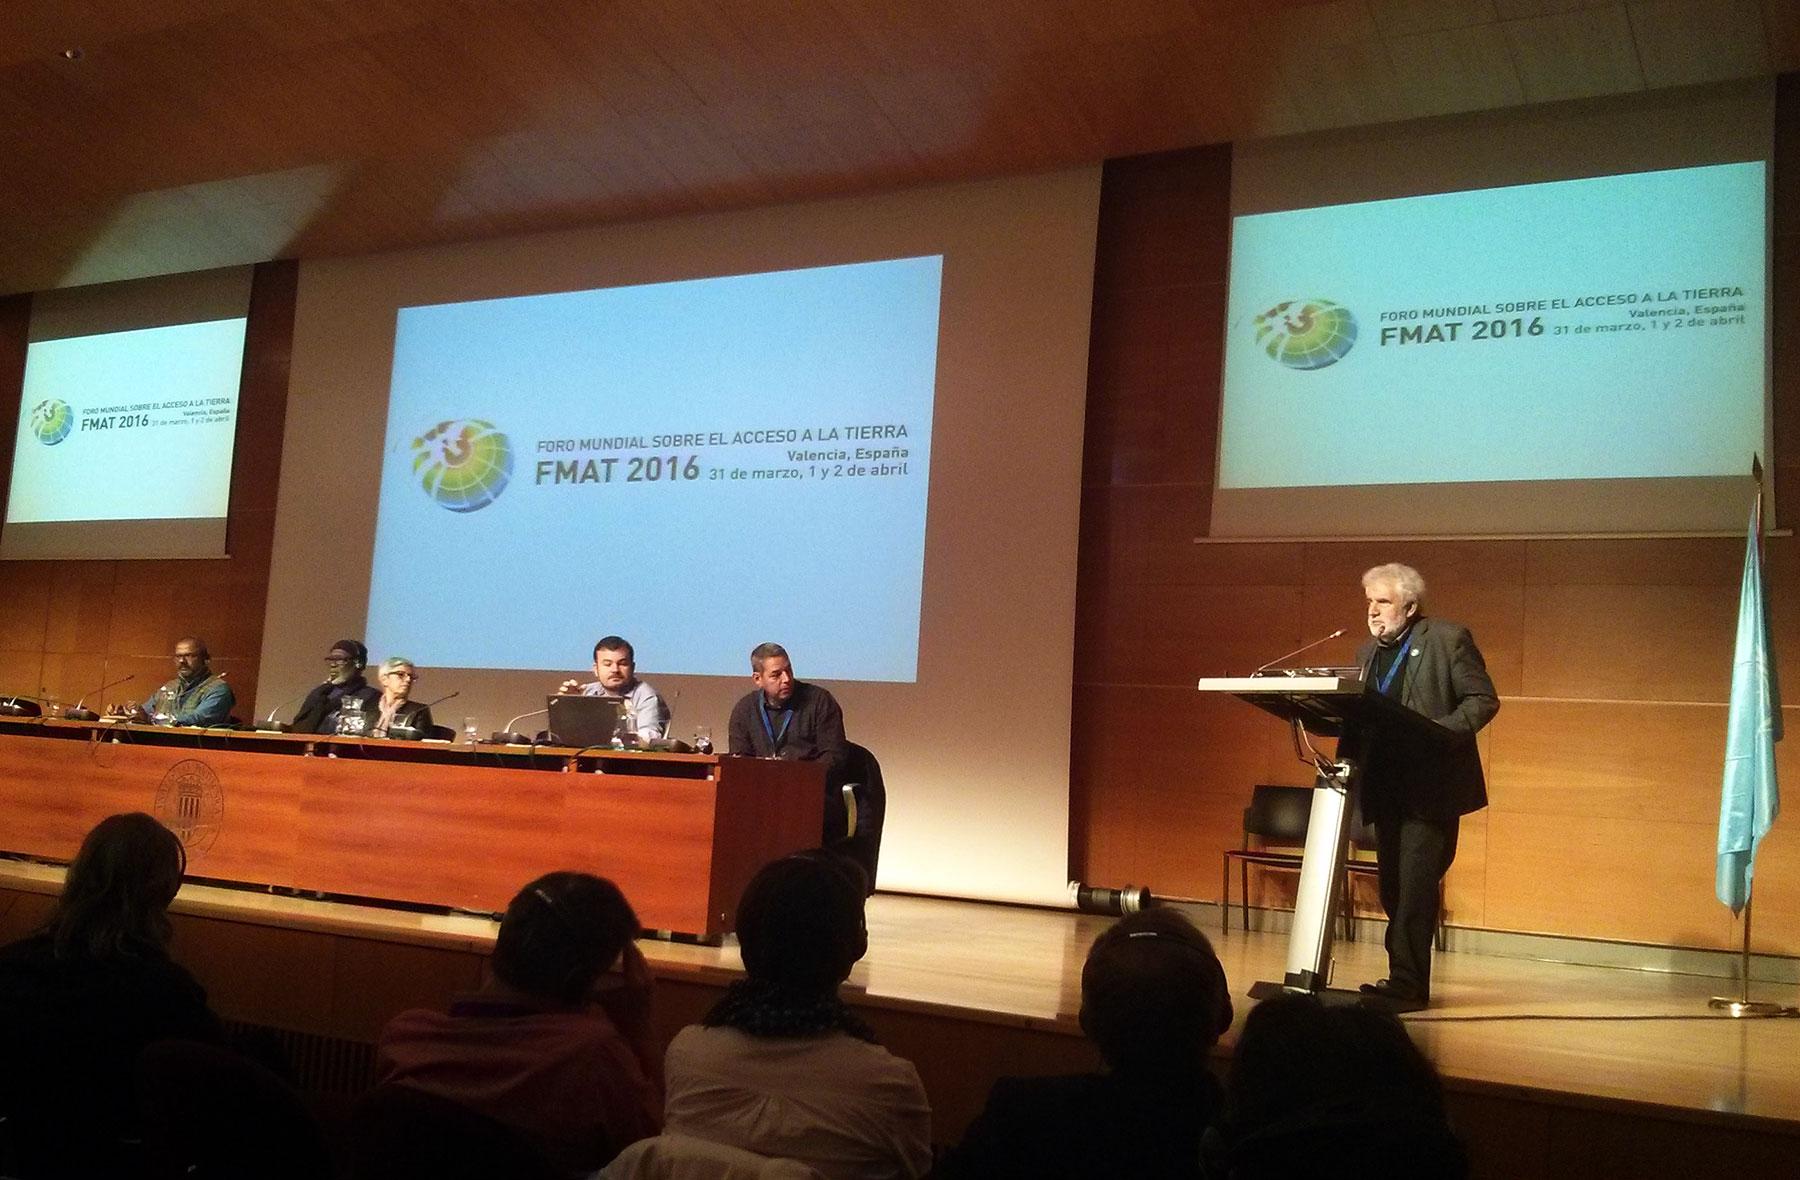 Síntesis final del Foro Mundial sobre el Acceso a la Tierra y los Recursos Naturales